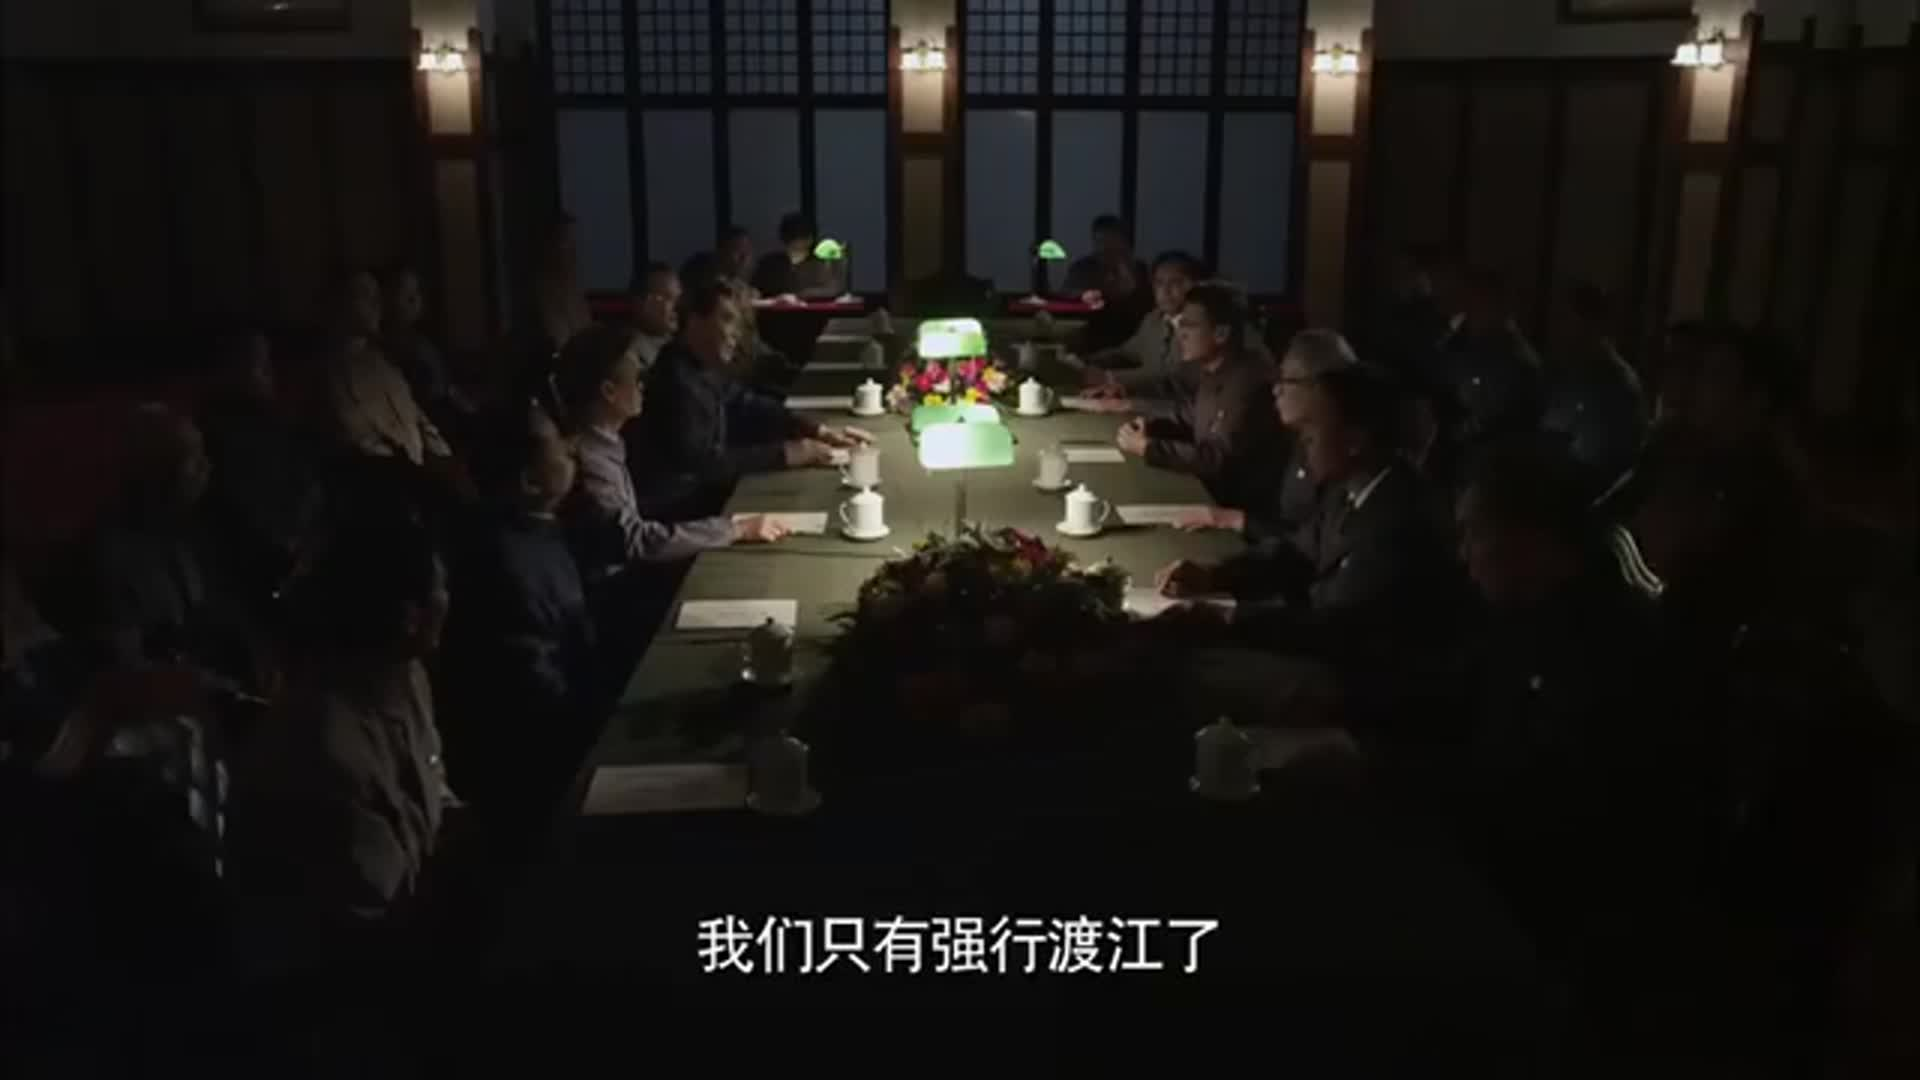 海棠依旧:国共和平谈判,周恩来态度坚决:不签字就强行渡江